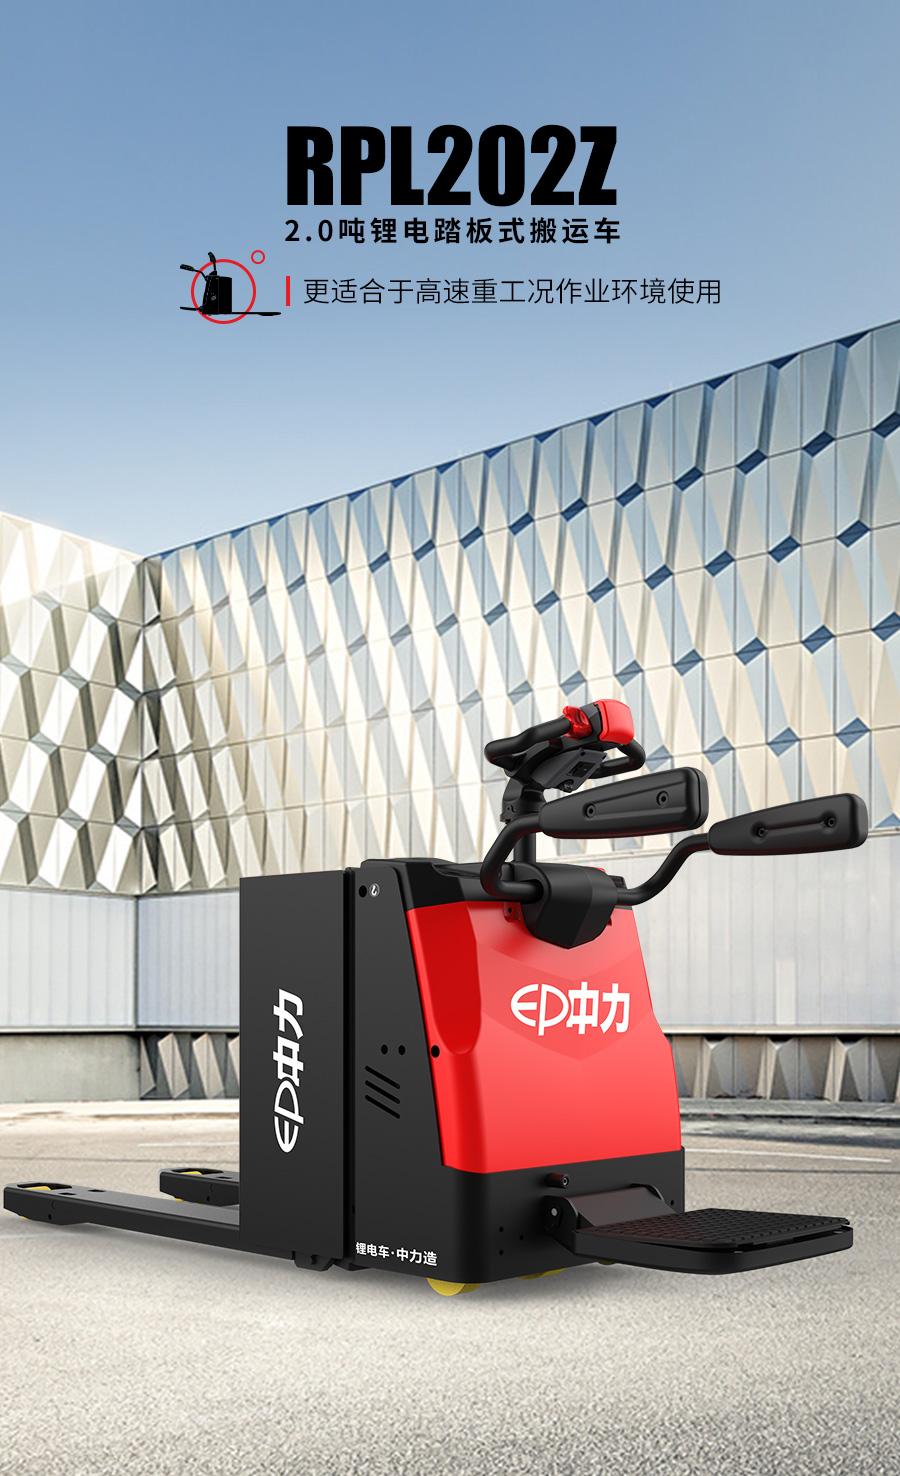 中力 2.0吨锂电踏板式搬运车RPL202Z